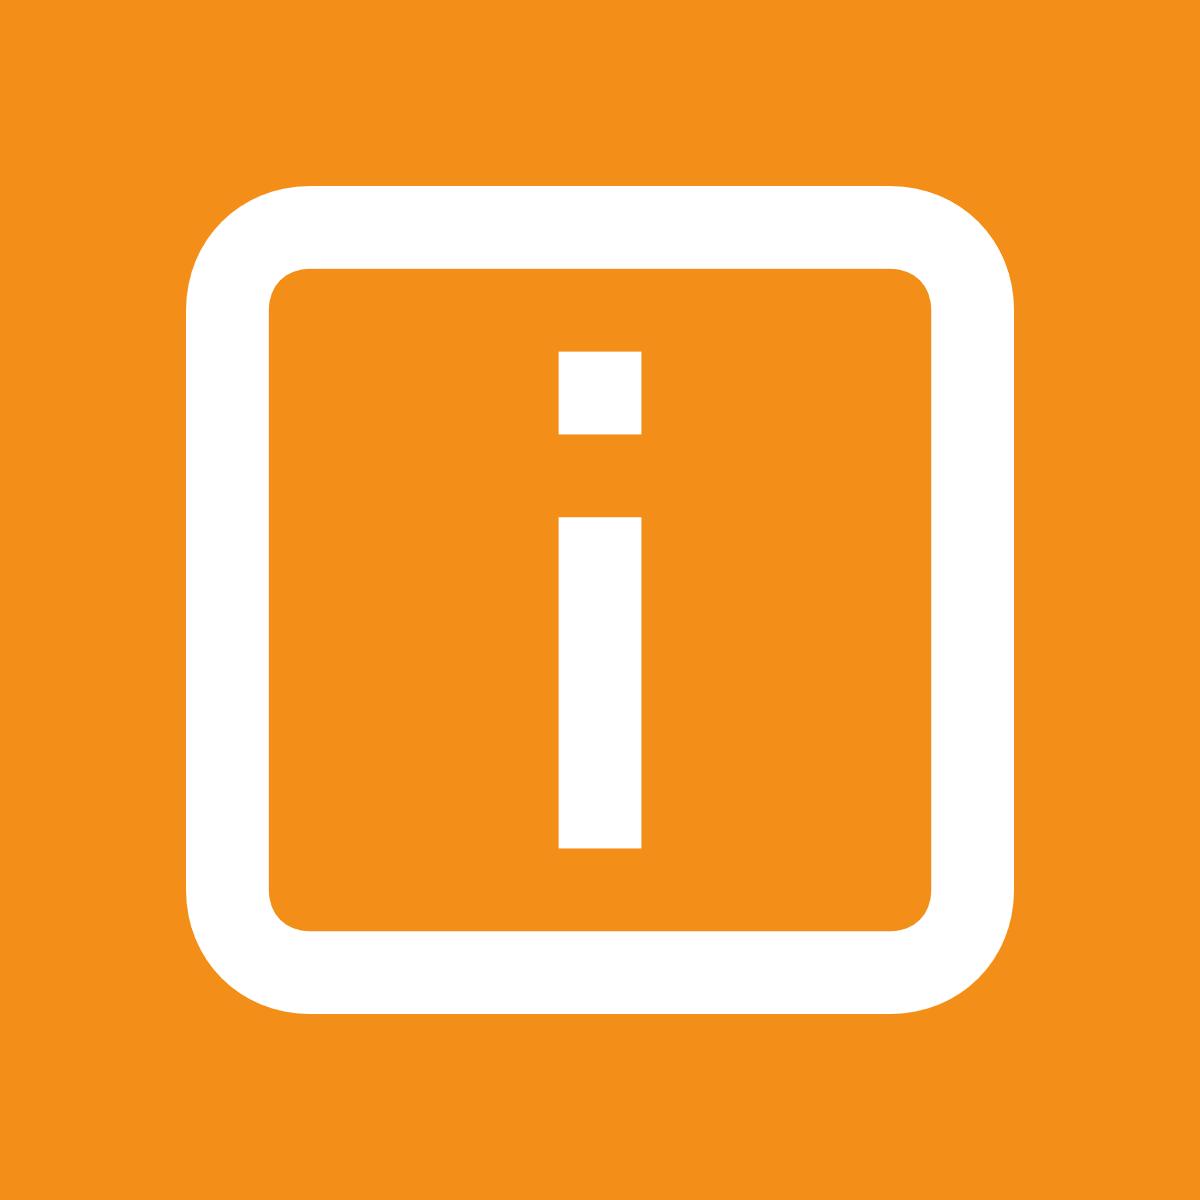 Informations-Icon für die Veranstaltungsbedingungen des Vortragsservice